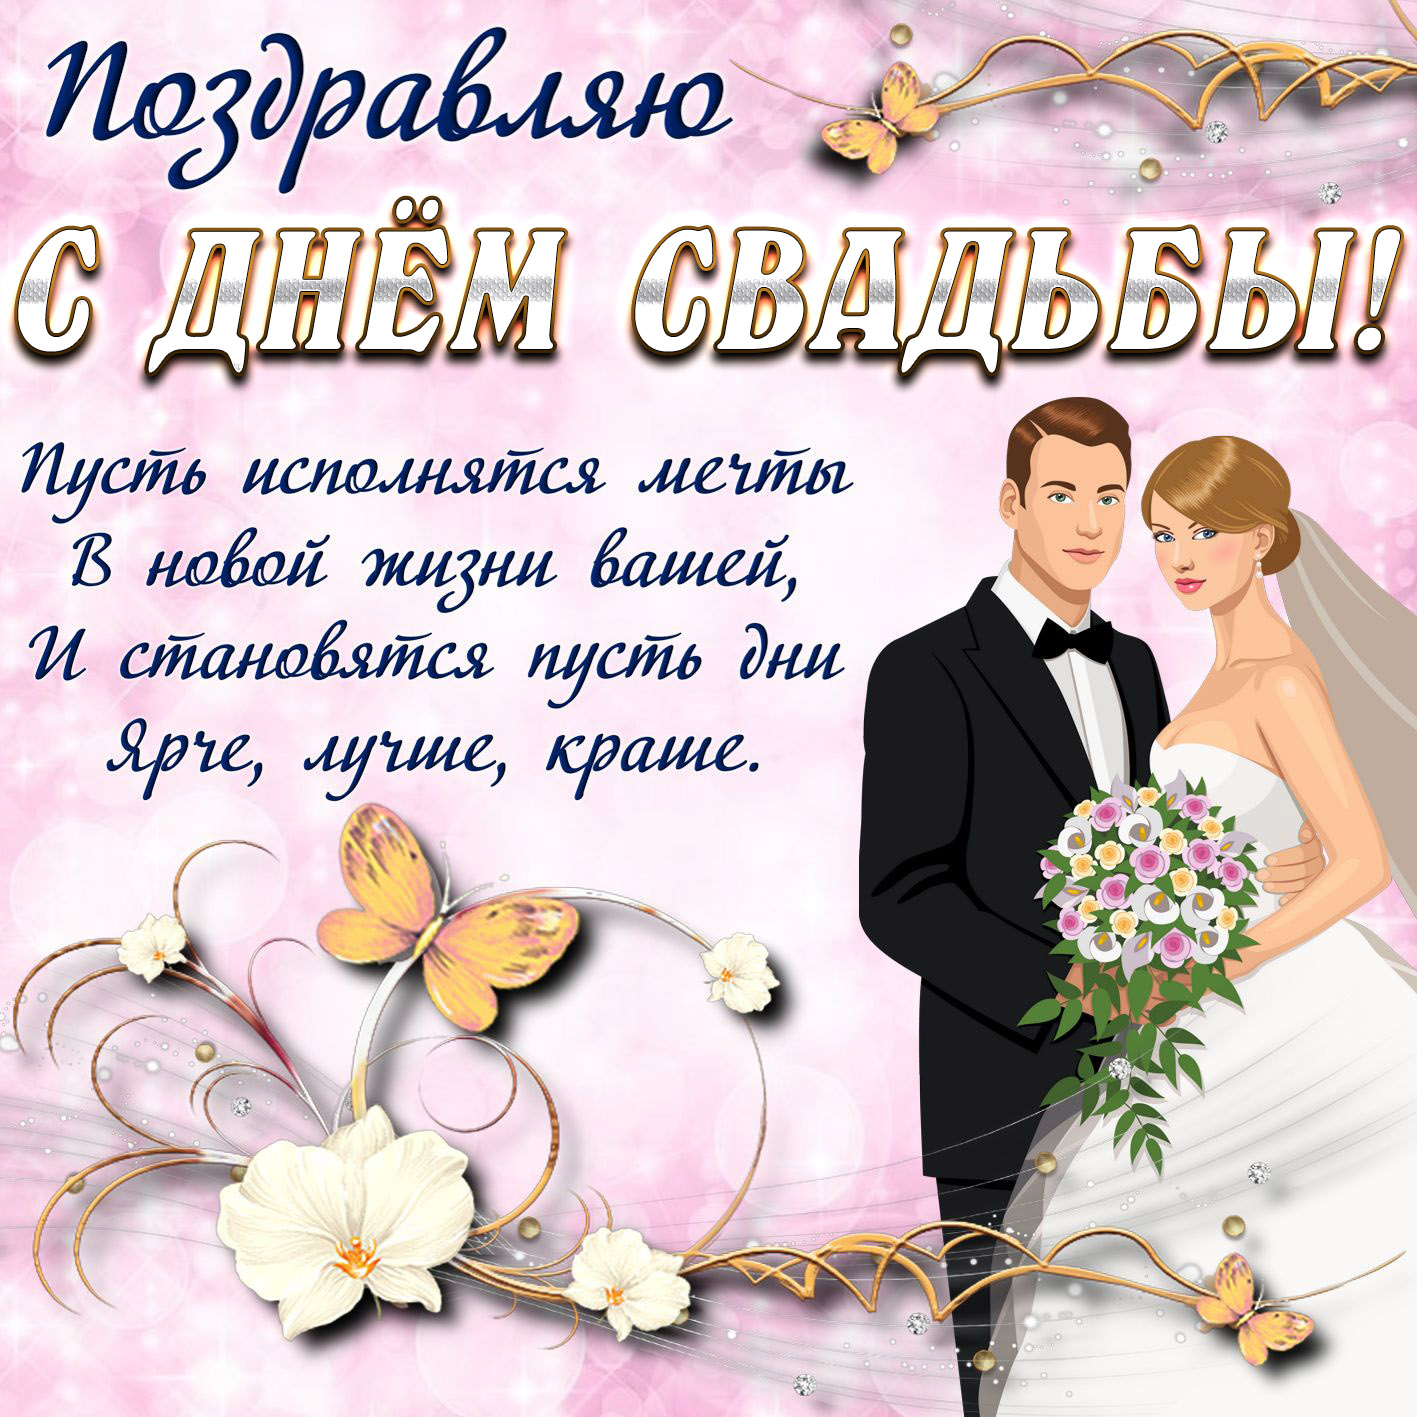 Поздравления новобрачным открытки